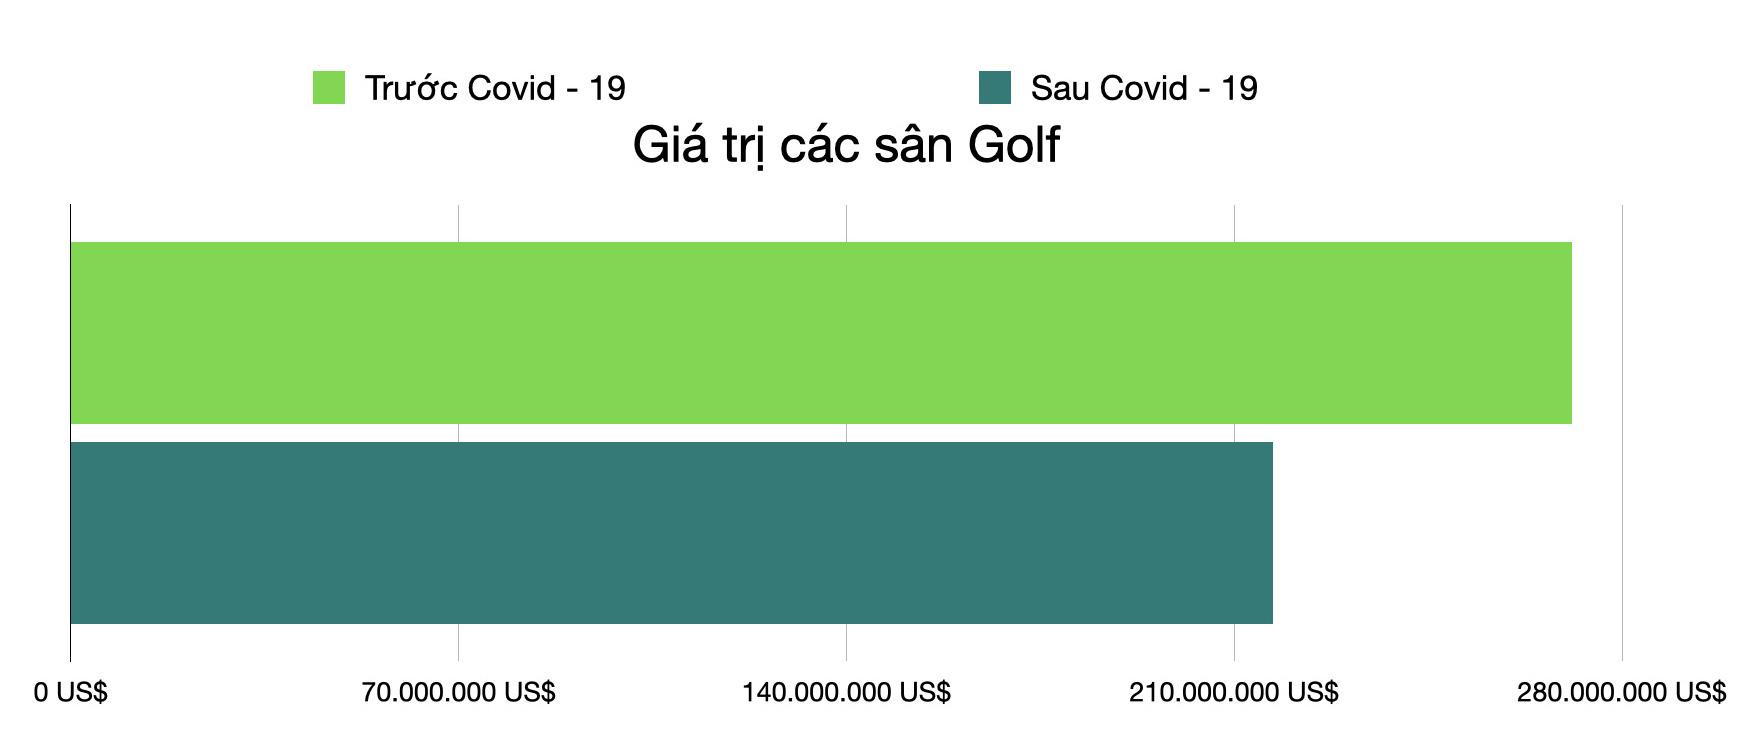 Mất hàng tỉ USD vì Covid - 19, ông Trump rời top 1.000 người giàu nhất thế giới - Ảnh 5.